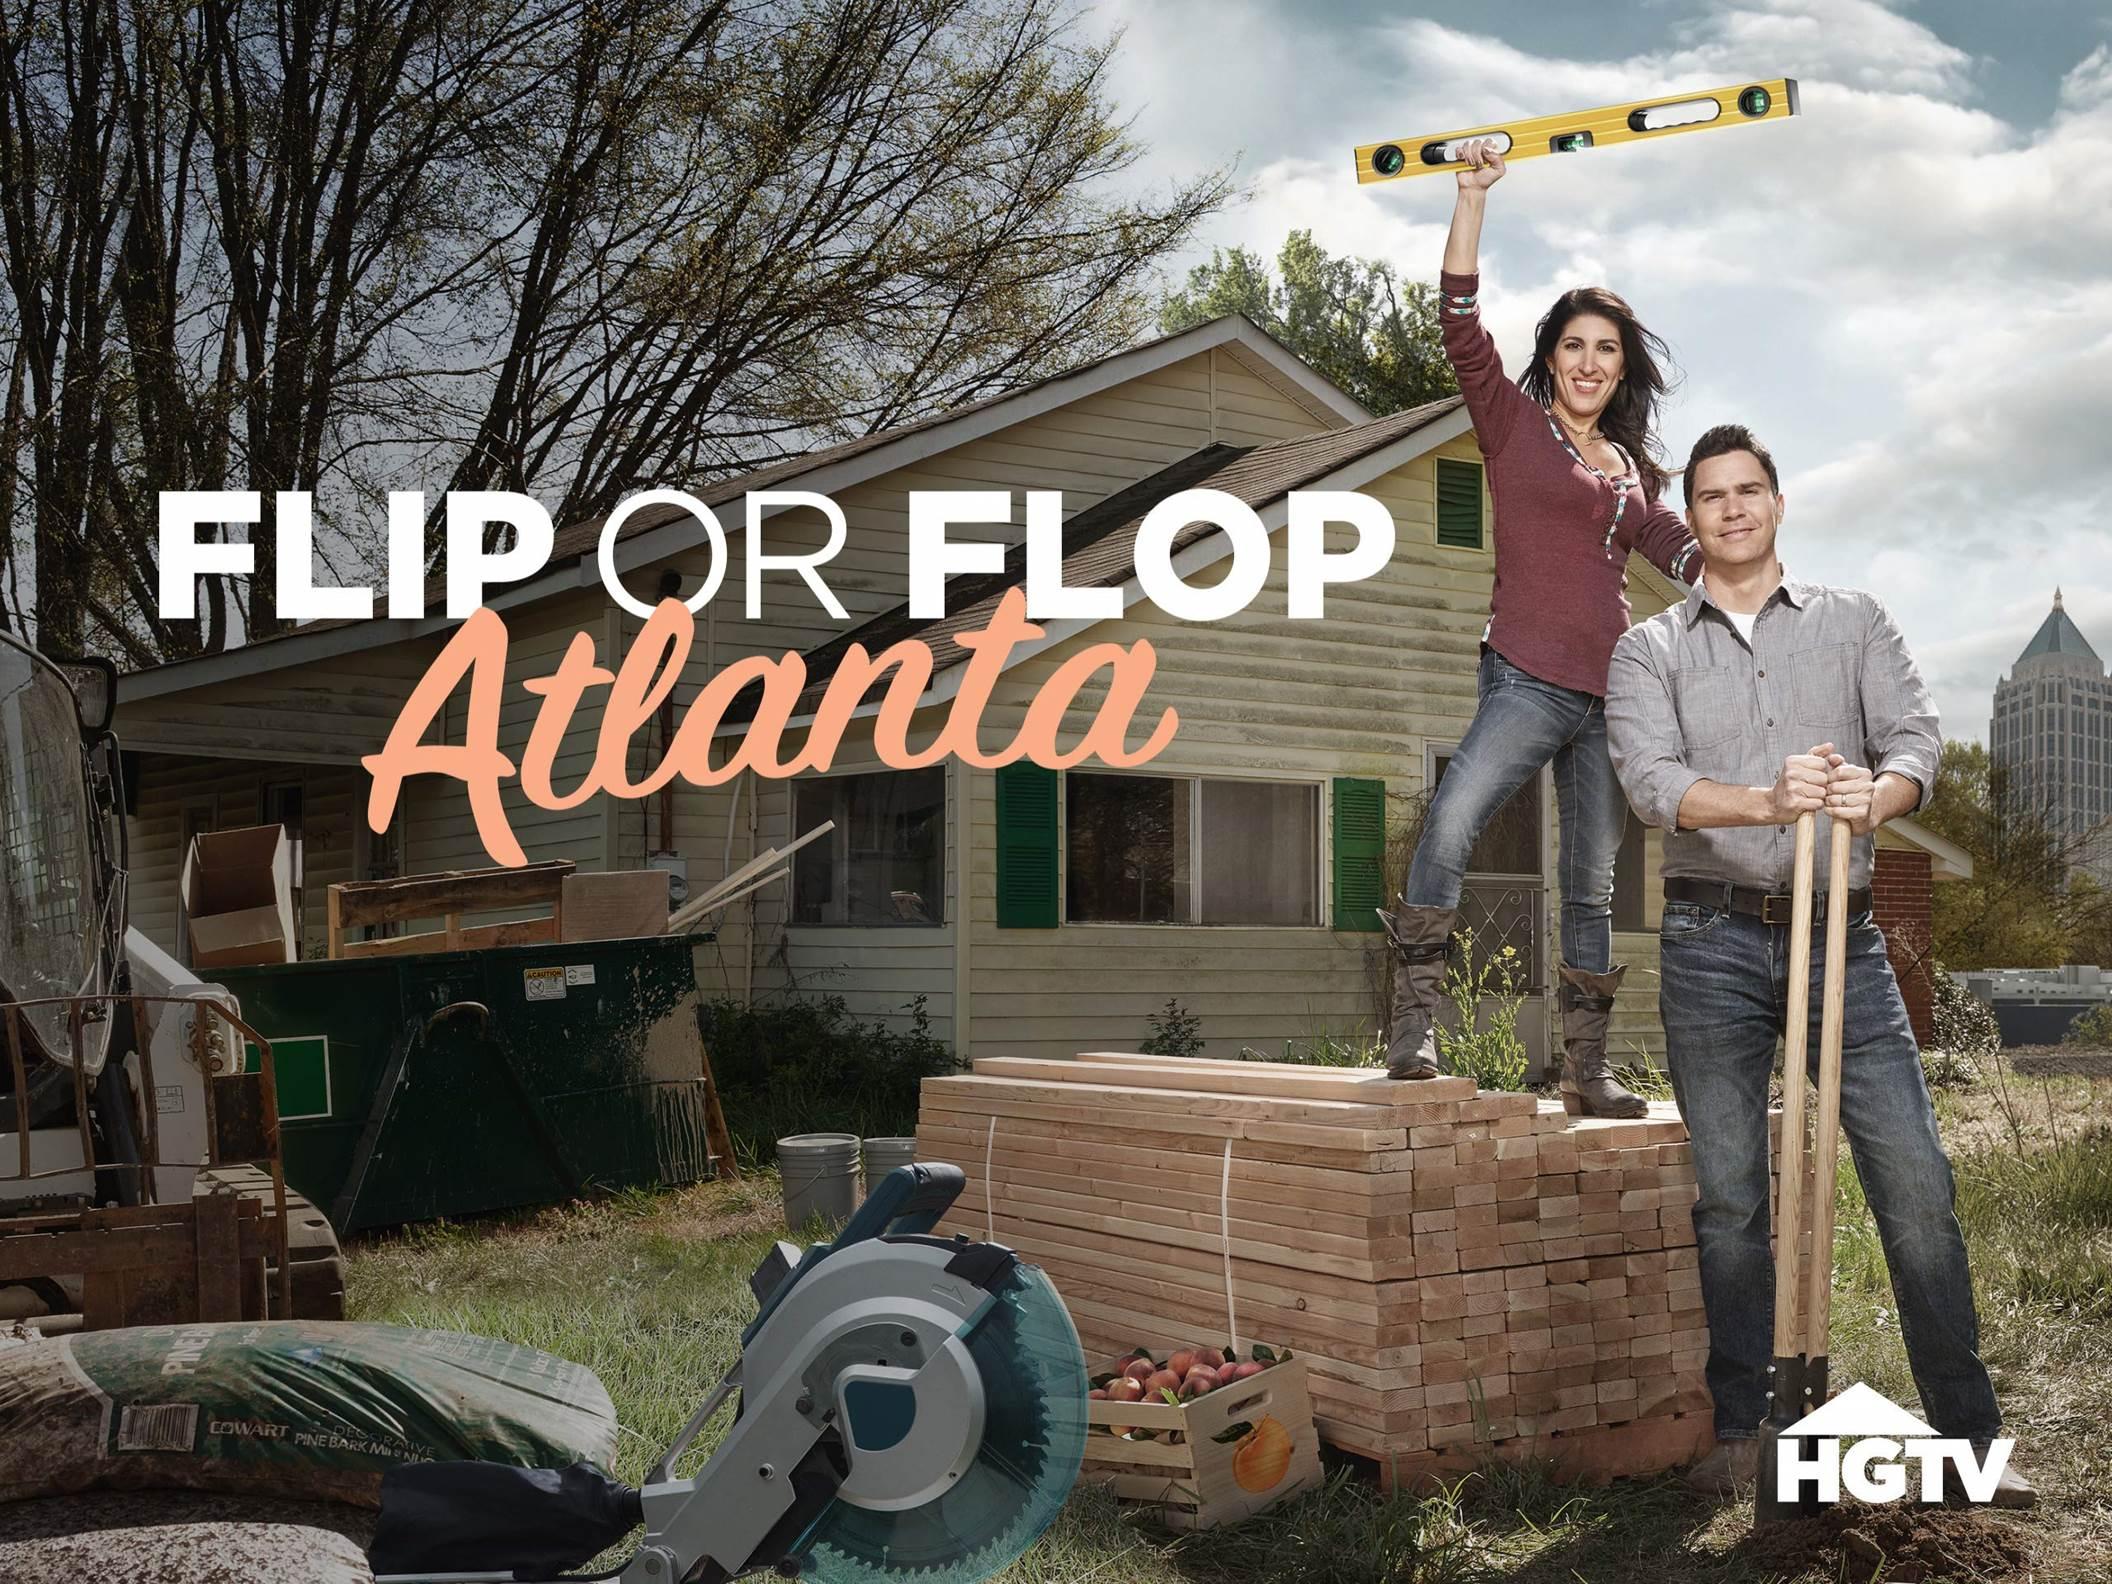 Flip-or-Flop Atlanta